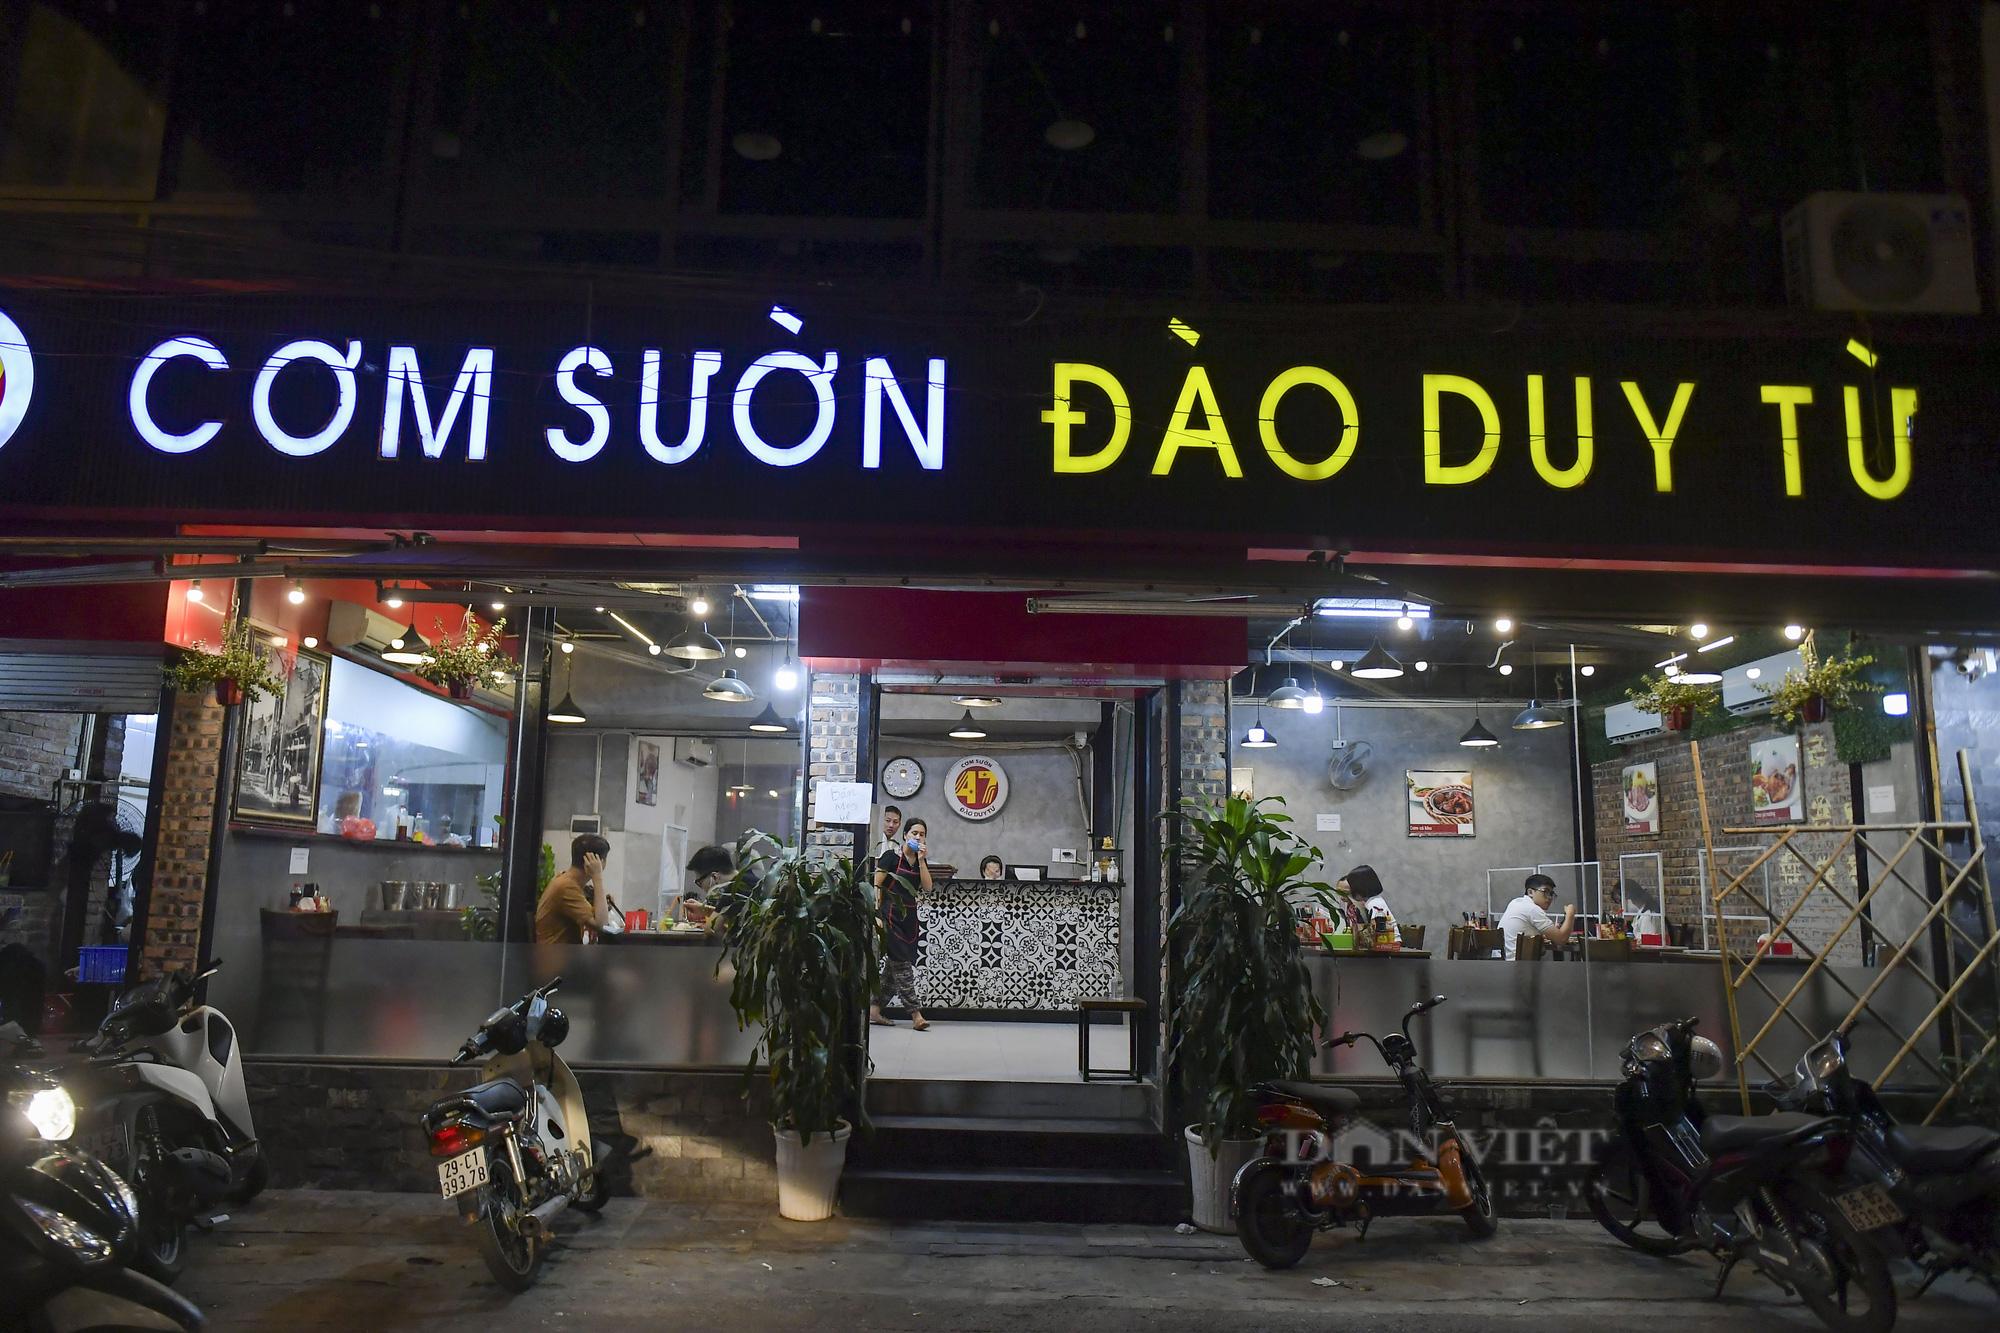 """Hà Nội: Phớt lờ lệnh cấm bán hàng sau 21h, nhiều nhà hàng """"nhốt khách"""" ăn uống phía trong - Ảnh 5."""